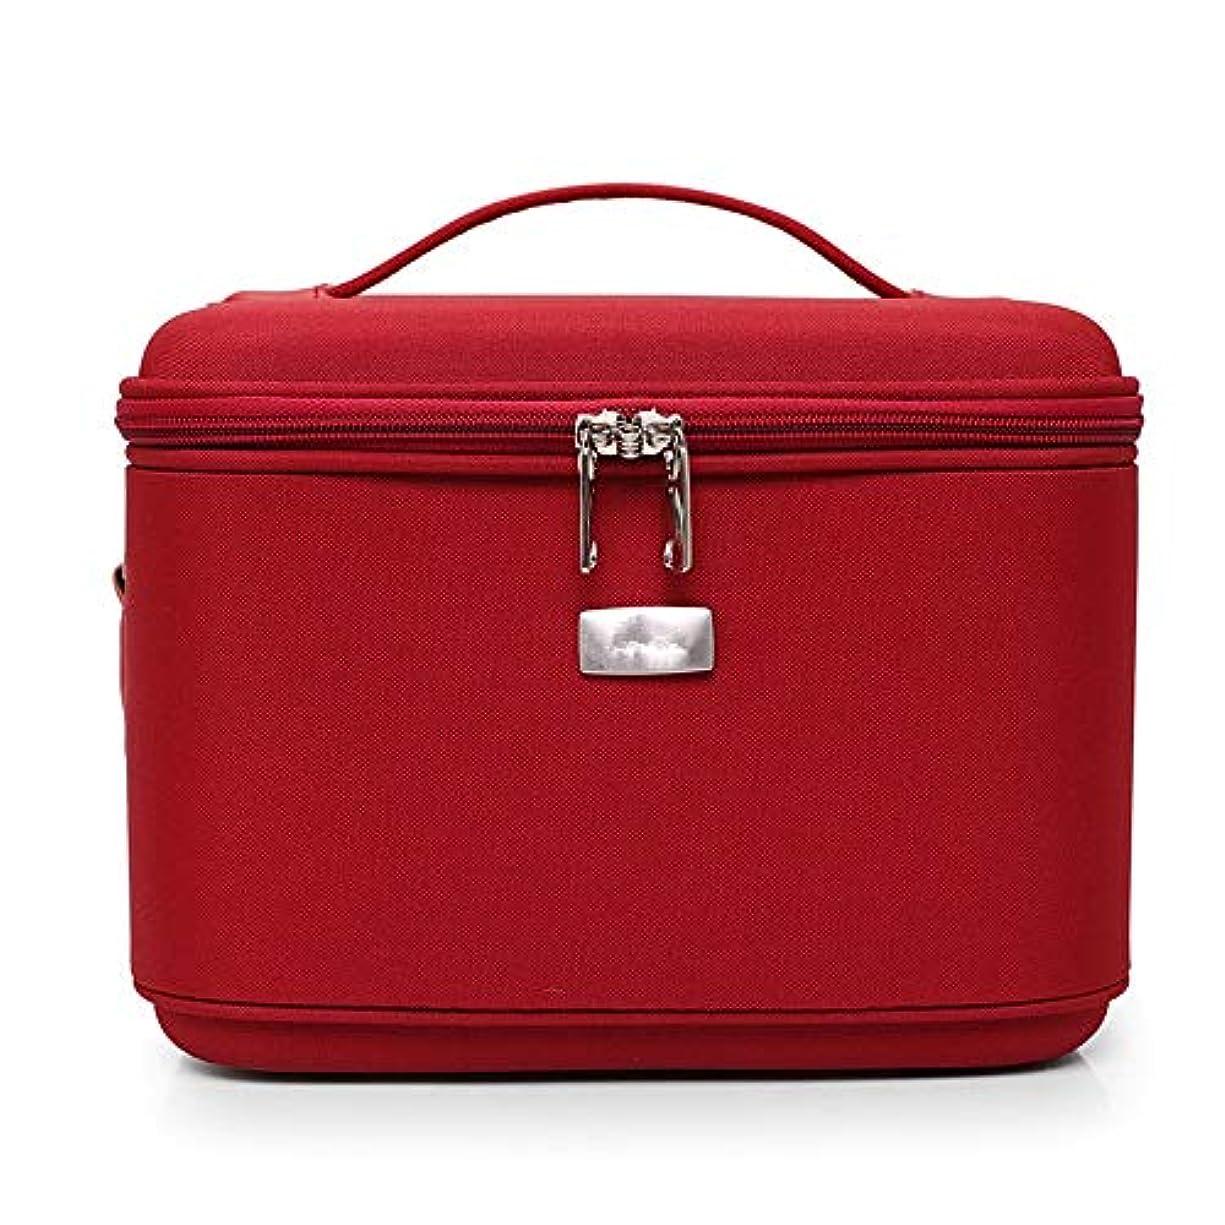 以来フォームペッカディロ特大スペース収納ビューティーボックス 鏡付き女性用化粧バッグ、ペンケース、ポーチバッグ、化粧ブラシバッグトラベルキットオーガナイザー化粧品袋(黒、赤、紫) 化粧品化粧台 (色 : 赤)